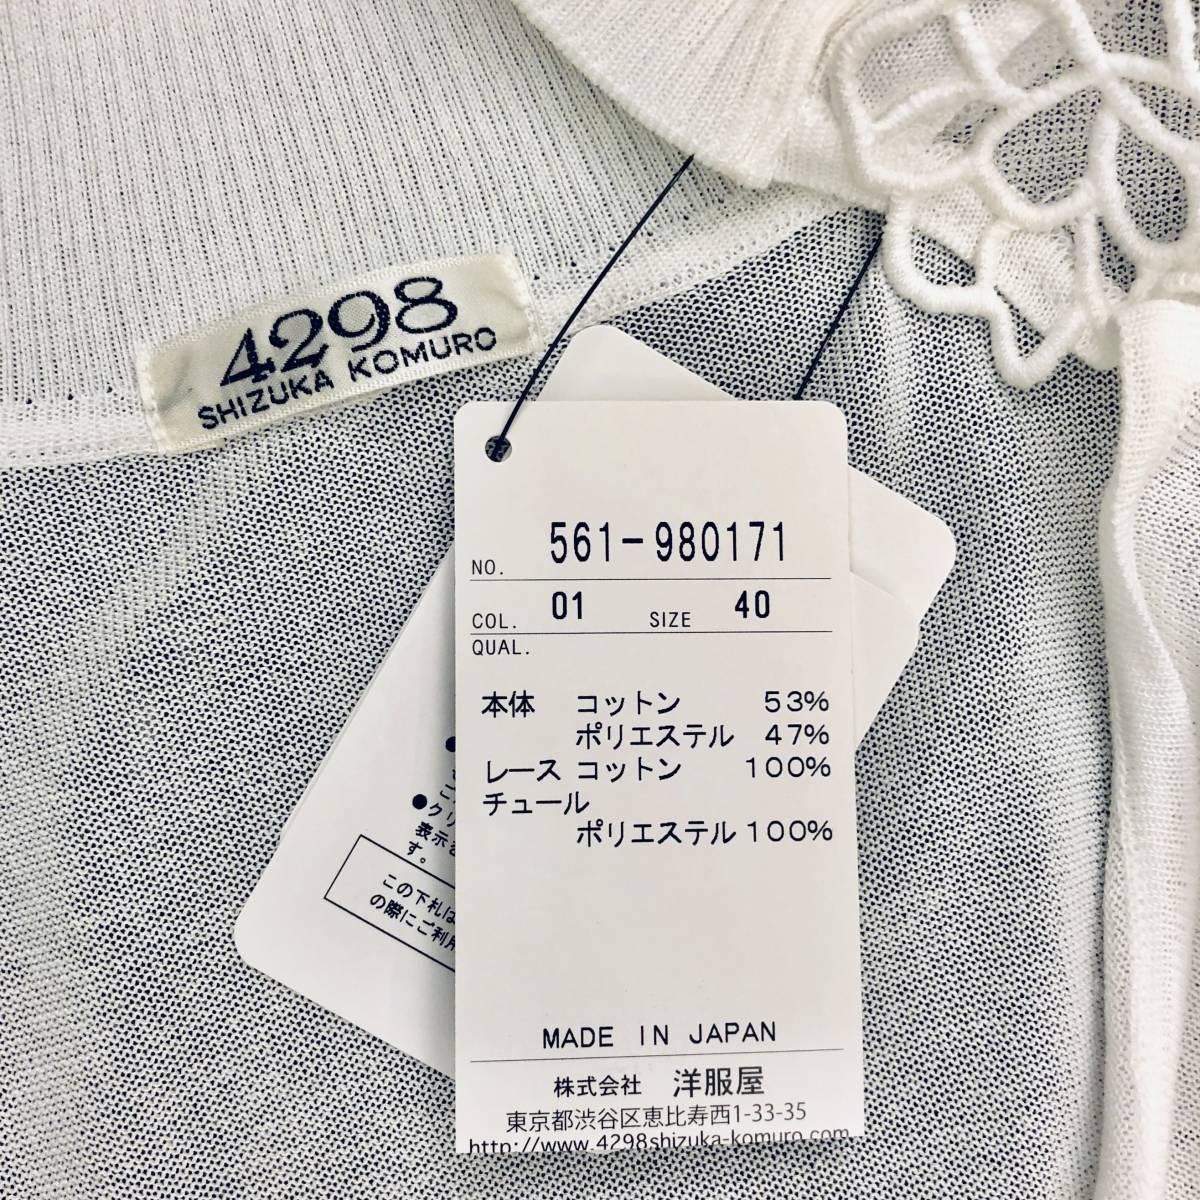 タグ付新品 4298シズカコムロ レース付アシメコットンカーディガン 40M 白_画像6